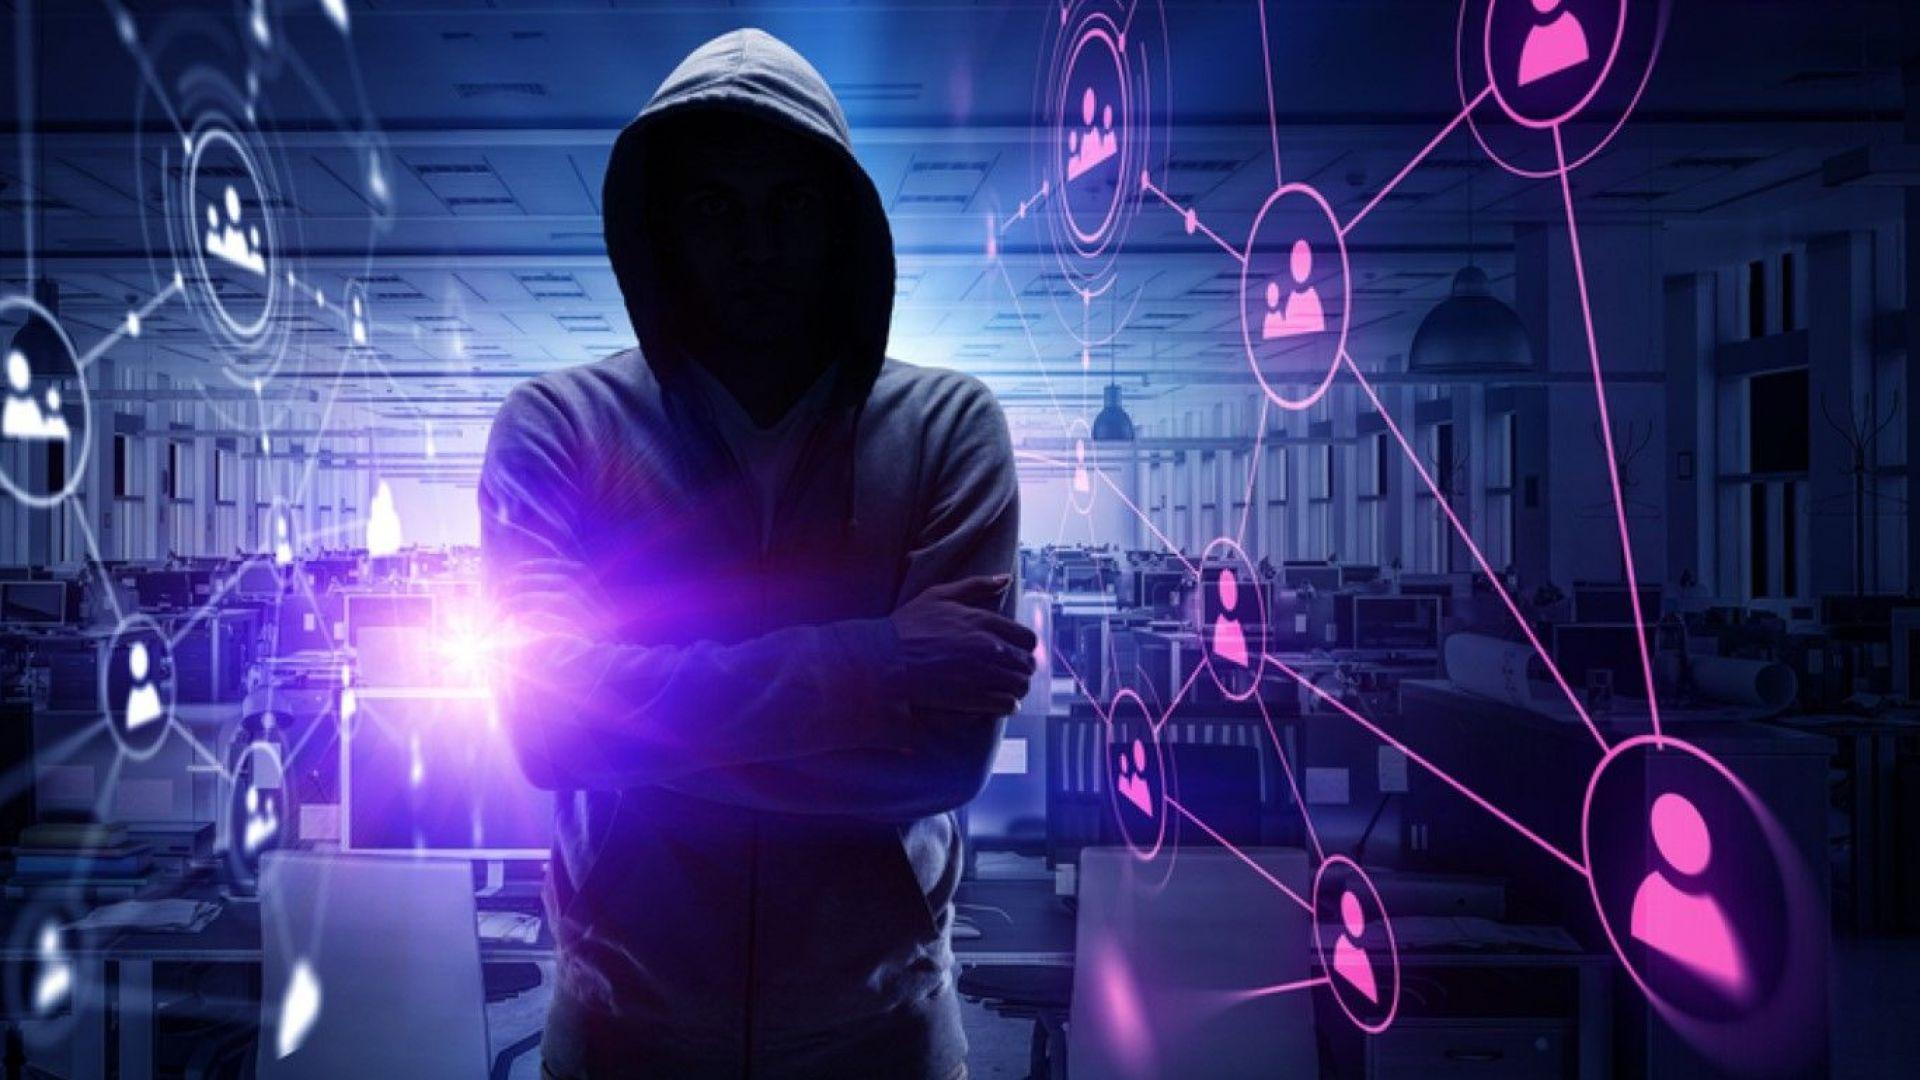 Открит е изключително сложен софтуер за шпионаж